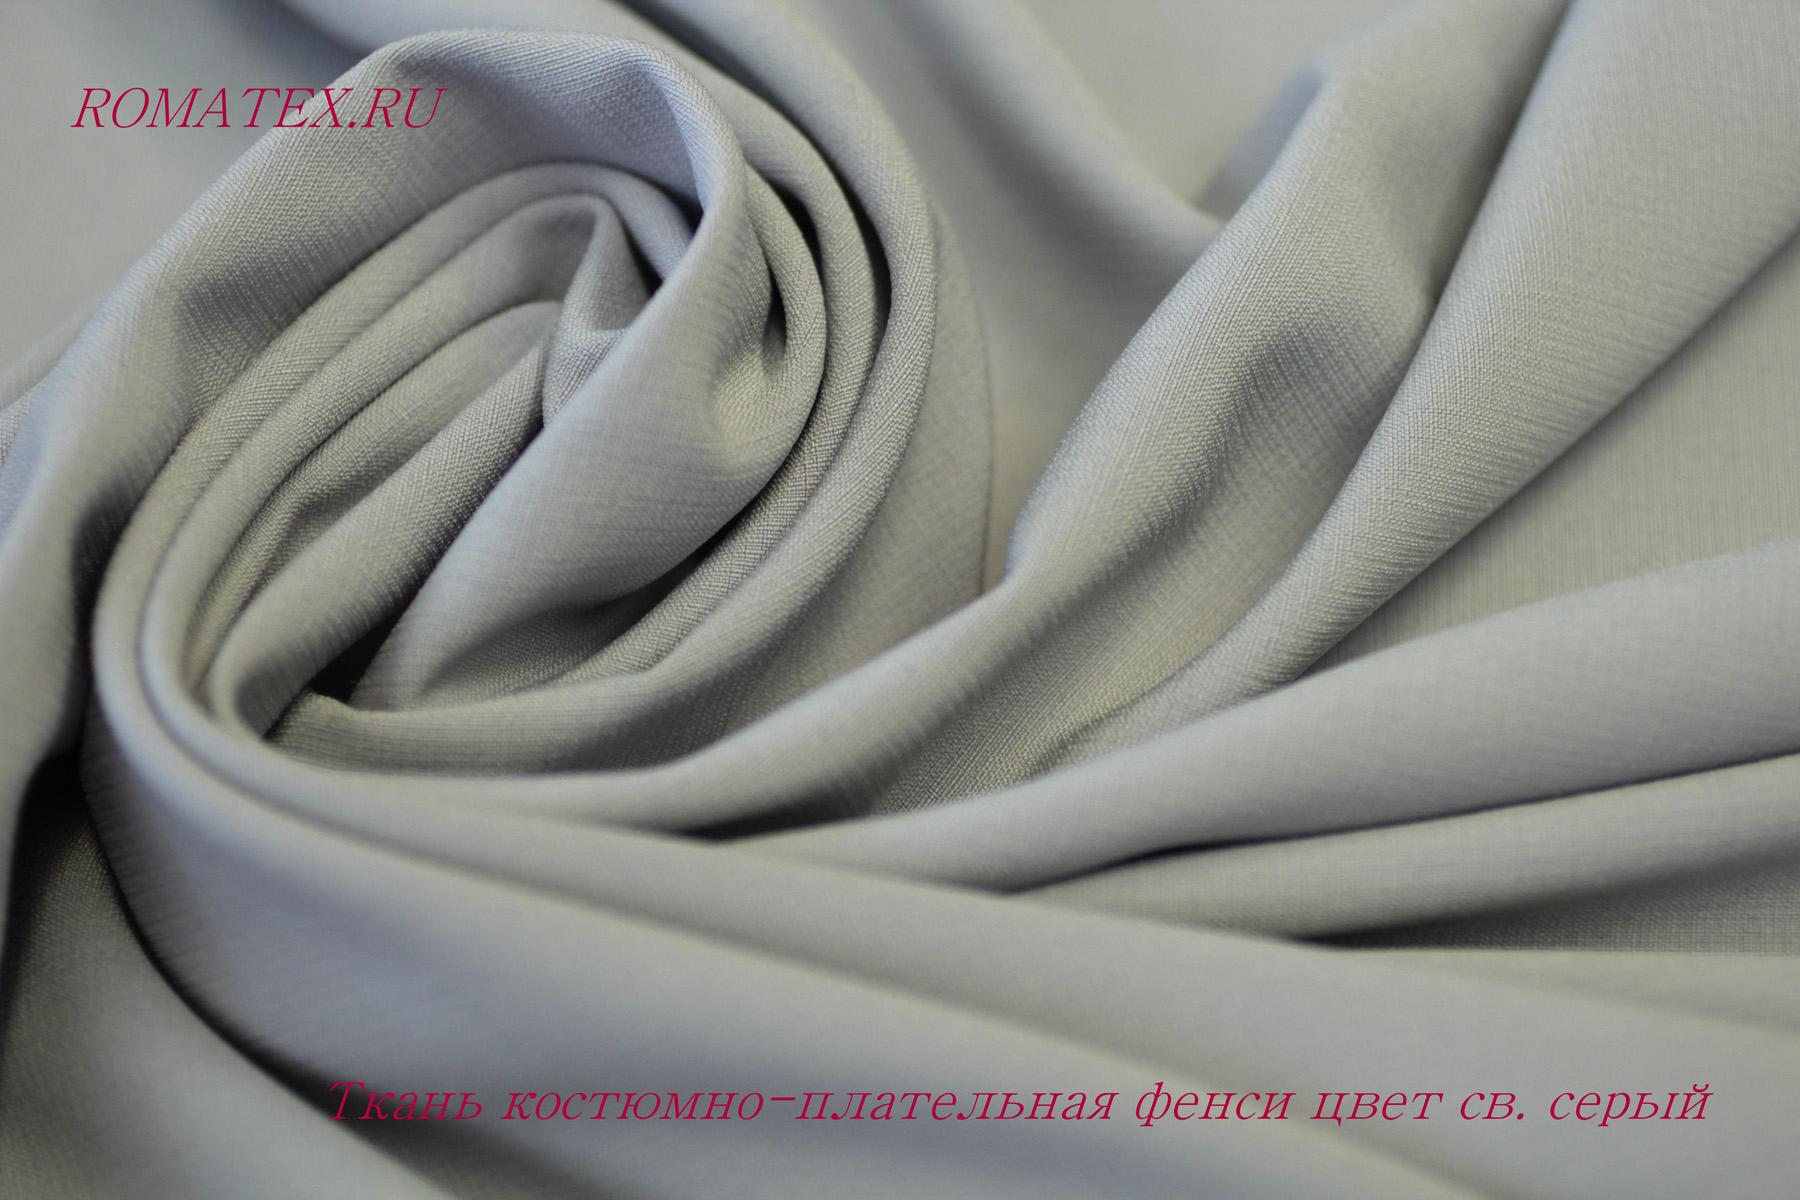 Костюмно-плательная фенси цвет светло серый